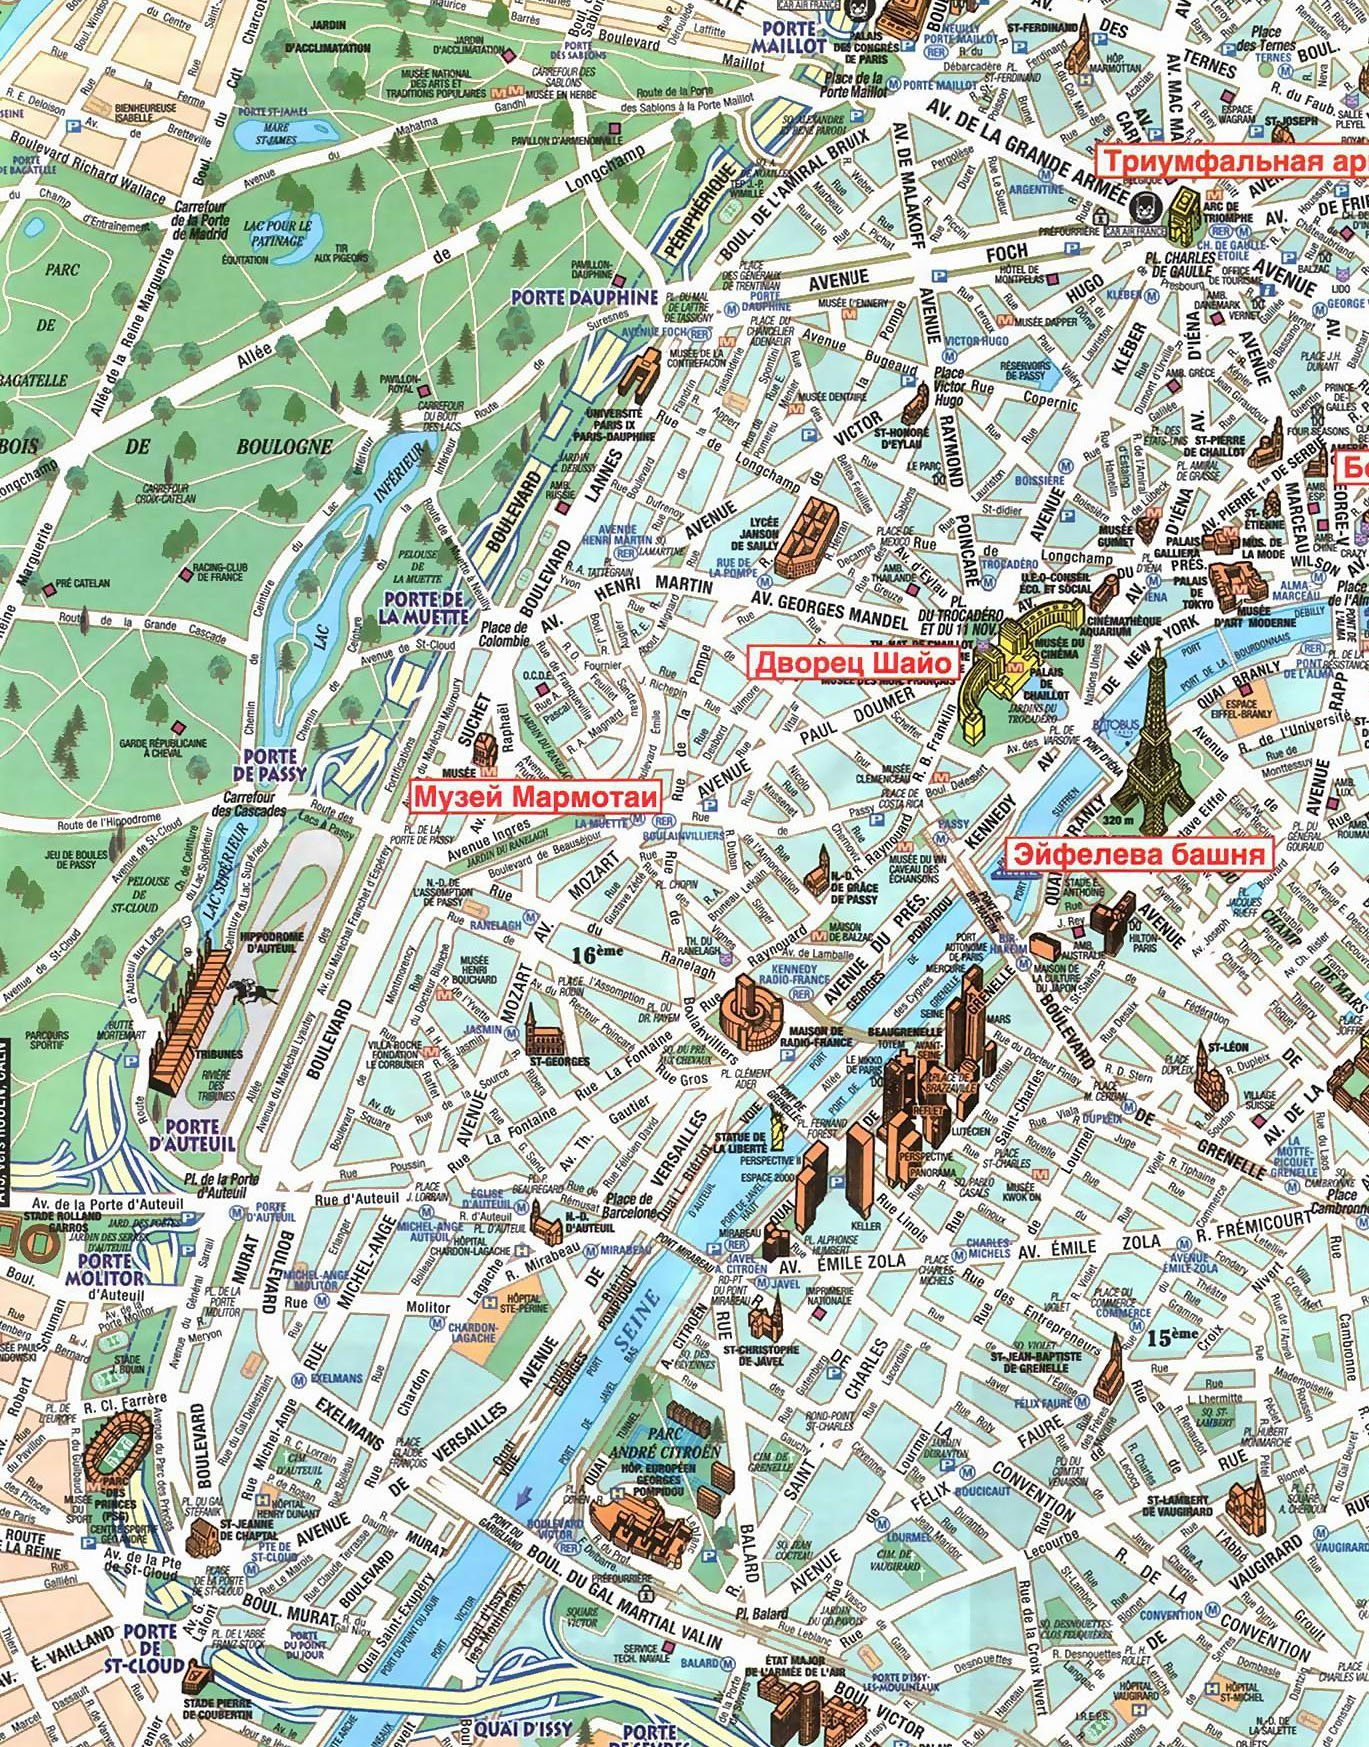 Парижа карта 17 округа парижа карта 18